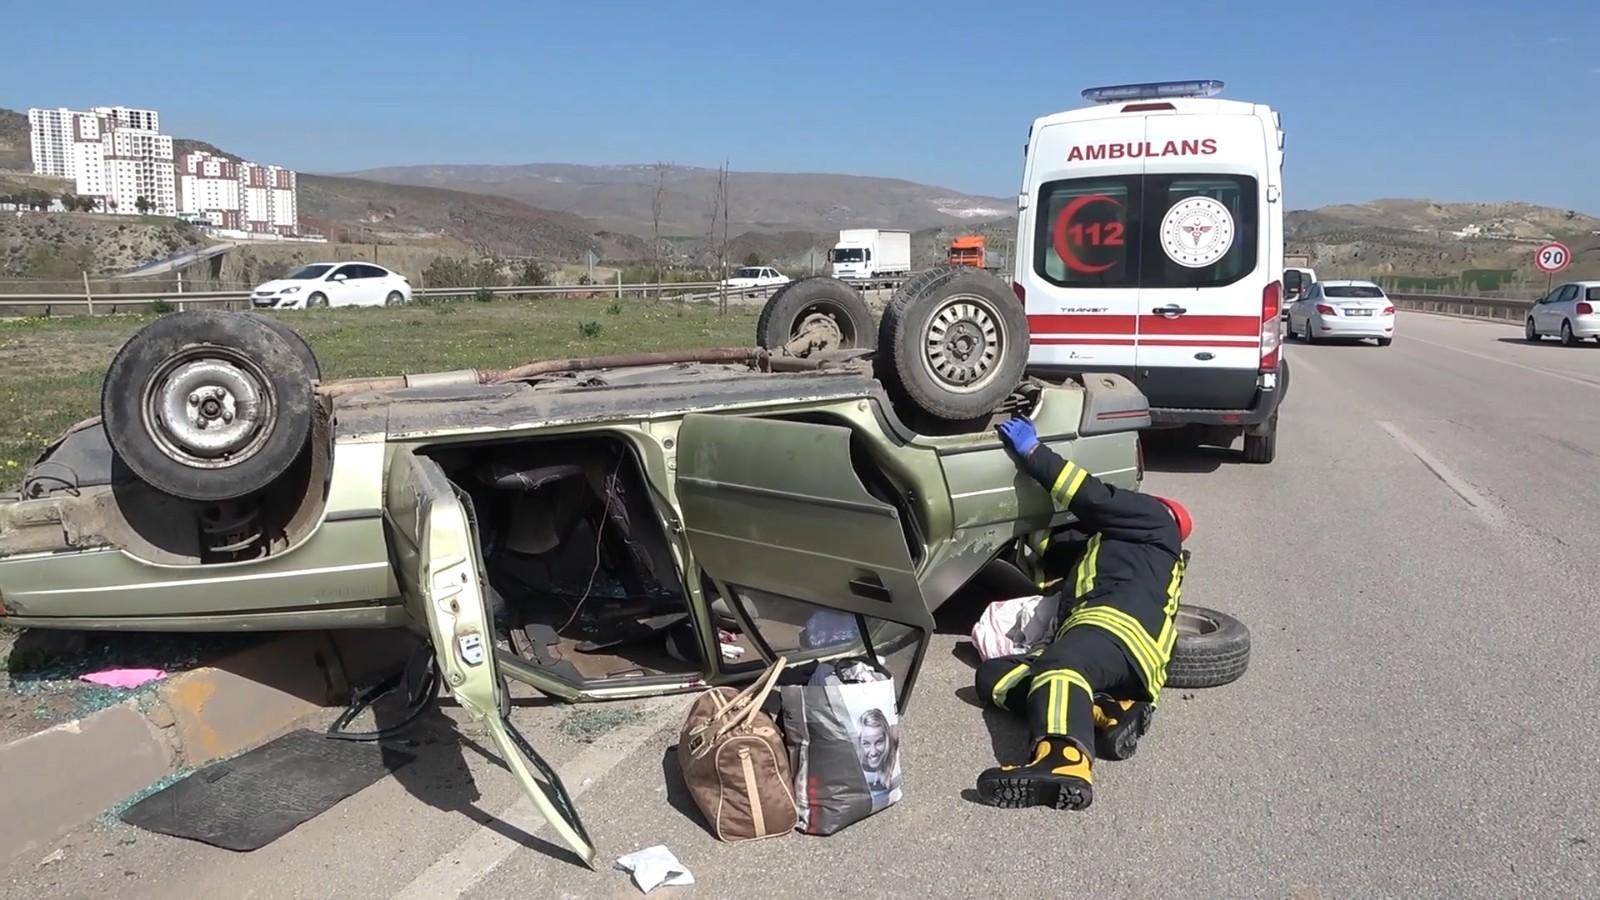 Tıra çarpmamak için manevra yaptı ama kazadan kurtulamadı, Otomobil takla attı: 2 yaralı